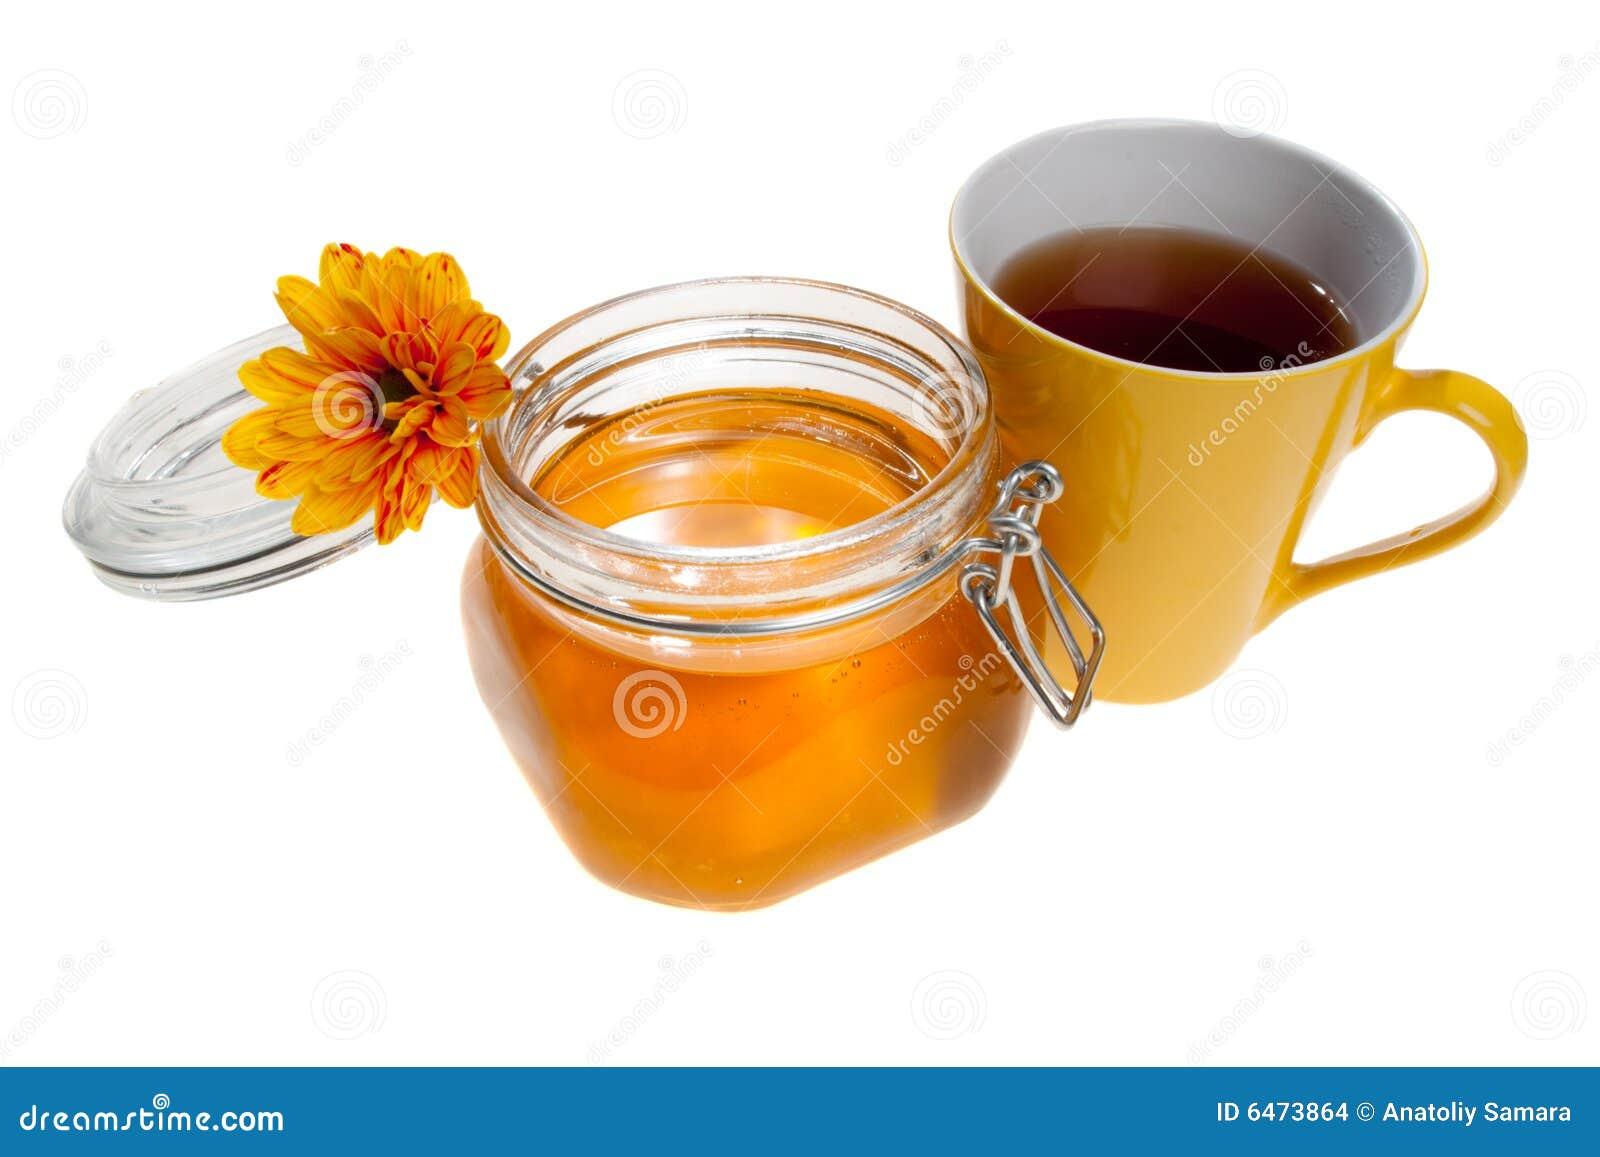 Kubek herbaty słoiku miodu występować samodzielnie